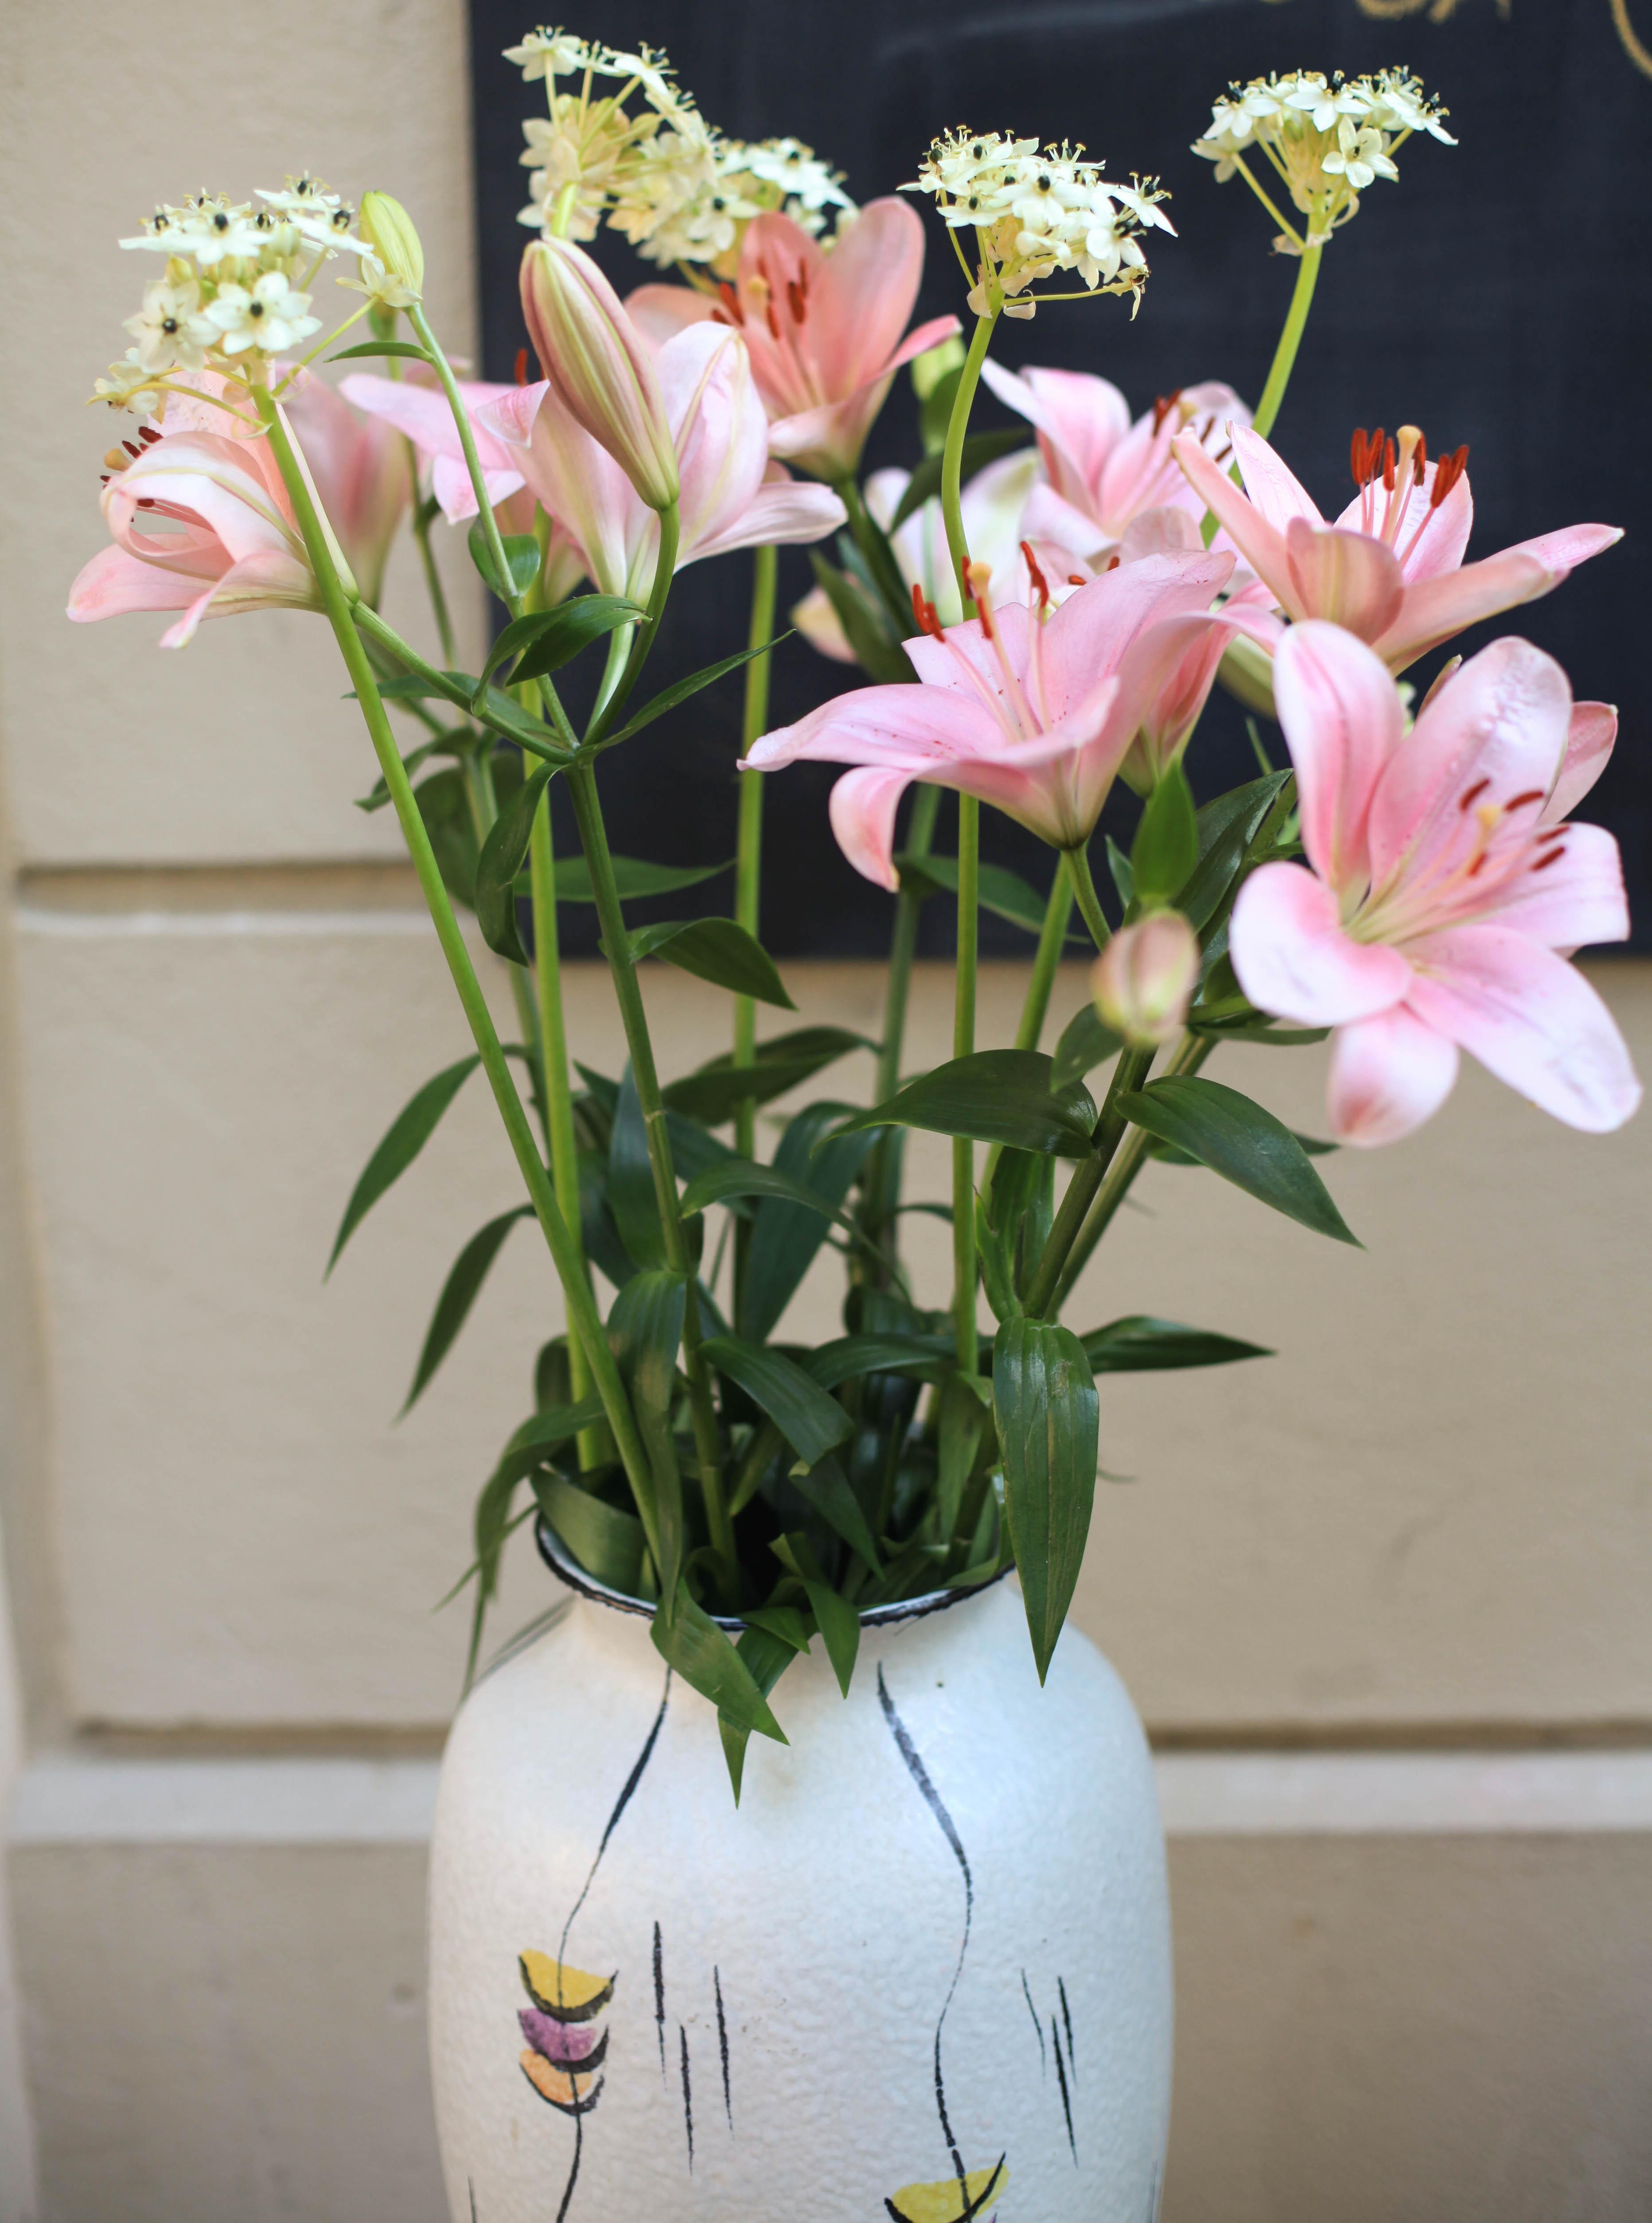 Rosa Lilien. Traumblüten!